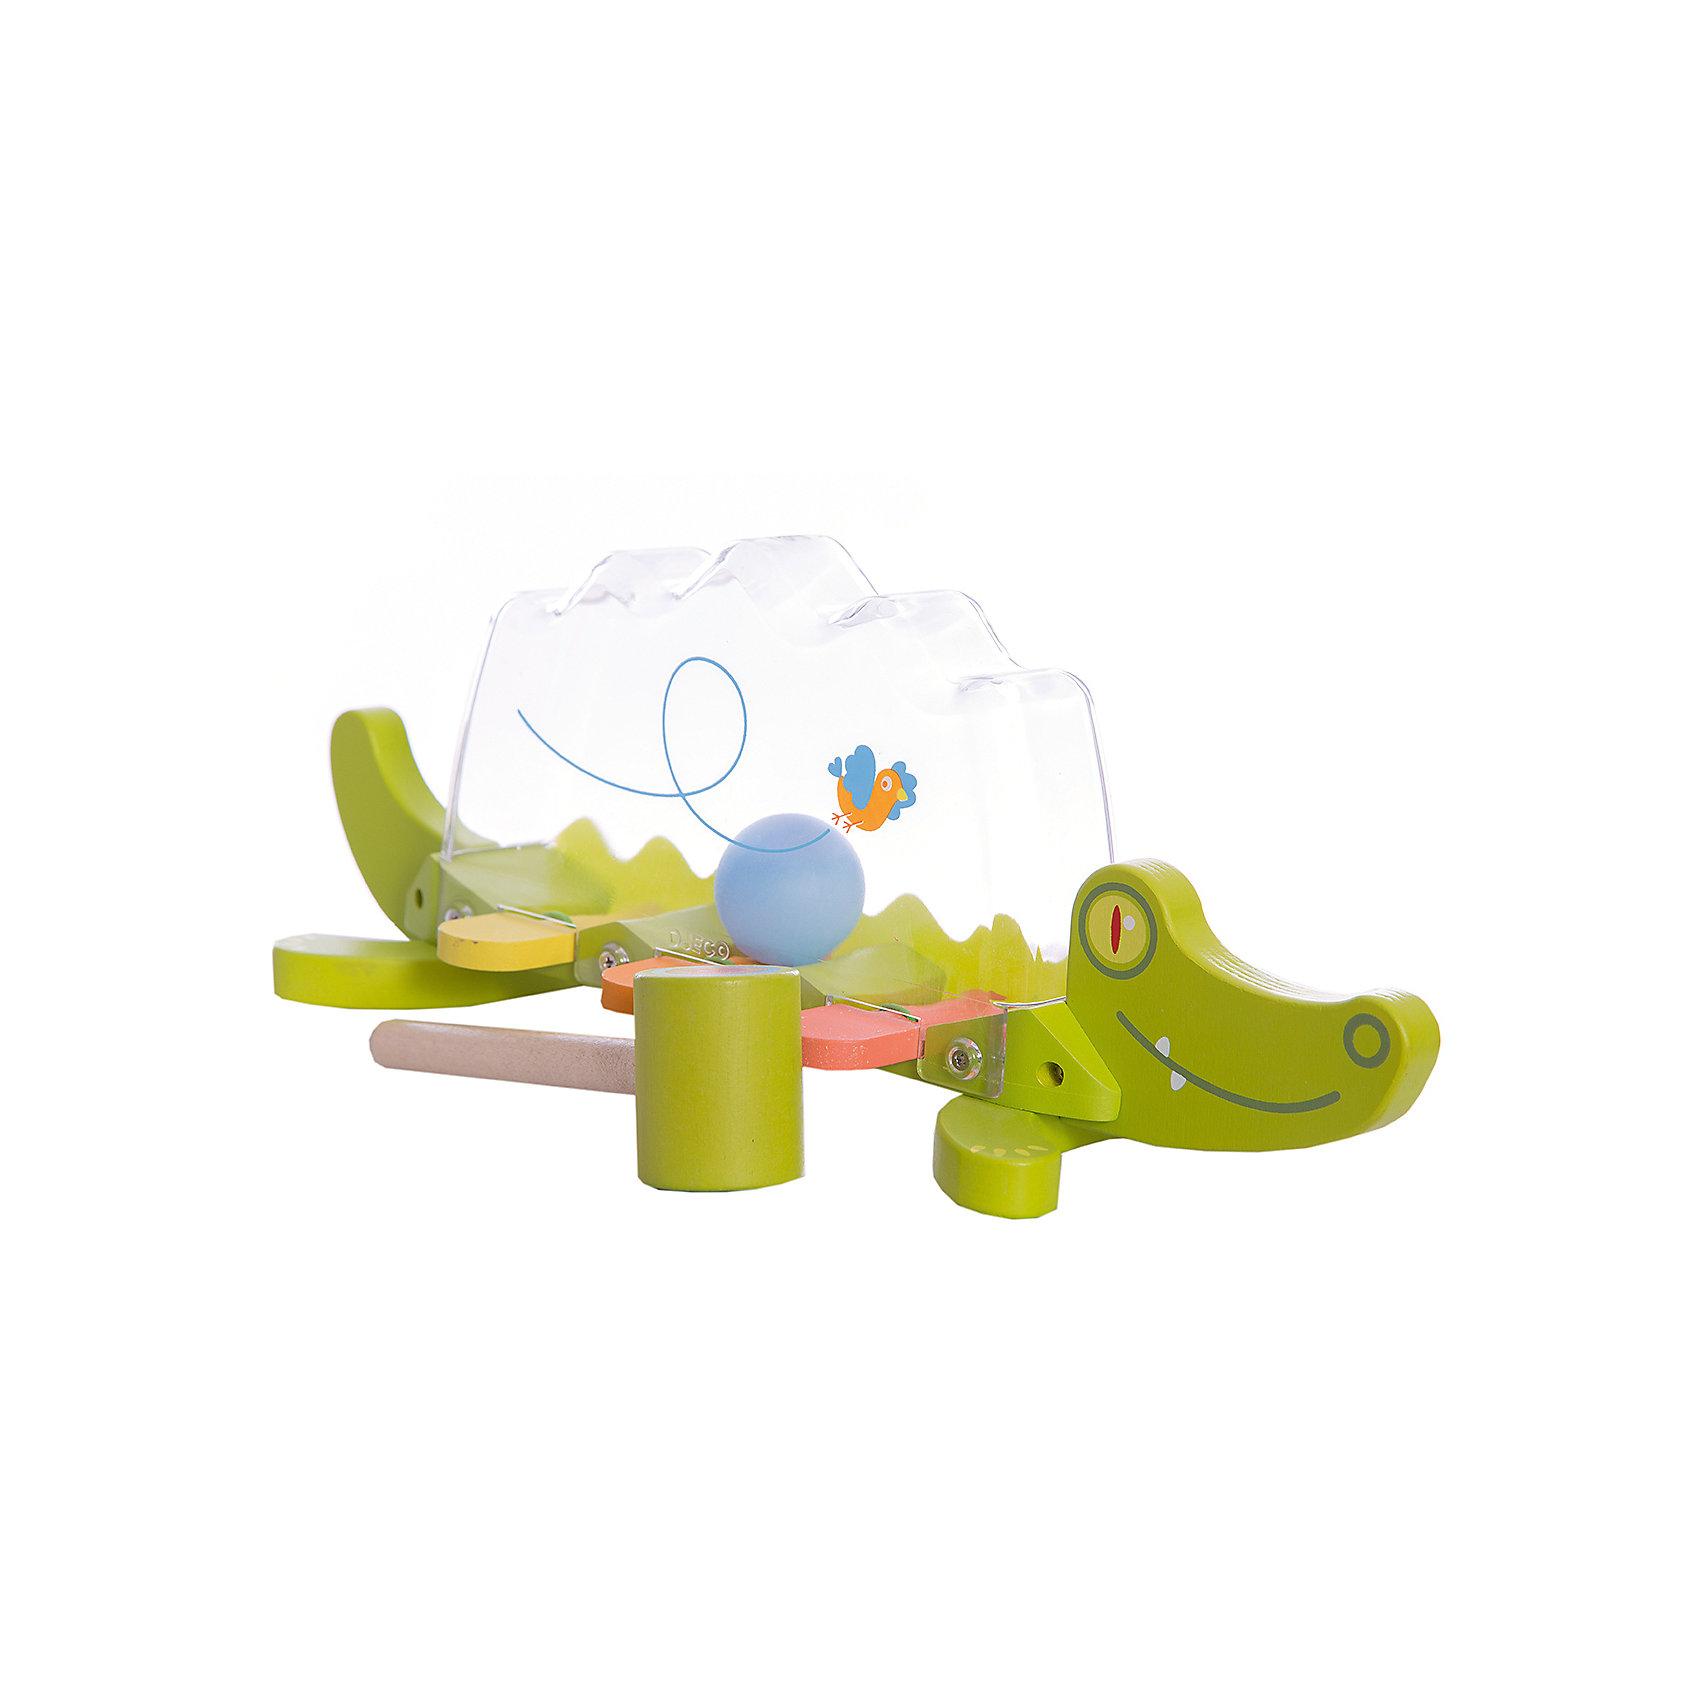 Развивающая игрушка Крокодил, DJECOРазвивающие игрушки<br>Развивающая игрушка Крокодил, Djeco (Джеко), развлечет и позабавит Вашего малыша. Игрушка выполнена в виде забавного зеленого крокодила с деревянным туловищем из разноцветных клавиш и прозрачной пластиковой спинкой. Внутри прозрачной полости катается шарик. Ударяя по клавишам молоточком (входит в комплект), малыш с интересом будет наблюдать как шарик звонко подпрыгивает верх. Игра сопровождается веселыми звуками. Игрушка изготовлена из высококачественных материалов и покрыта безопасными нетоксичными красками. Прекрасно развивает воображение, визуальное и слуховое восприятие, тренирует мелкую моторику рук.<br><br>Дополнительная информация:<br><br>- Материал: дерево, пластик.<br>- Размер игрушки: 37 х 12 х 14 см.<br>- Размер упаковки: 37,7 х 15,3 х 13 см.<br>- Вес: 0,35 кг.<br><br>Развивающую игрушку Крокодил, Djeco (Джеко), можно купить в нашем интернет-магазине.<br><br>Ширина мм: 130<br>Глубина мм: 280<br>Высота мм: 10<br>Вес г: 710<br>Возраст от месяцев: 12<br>Возраст до месяцев: 48<br>Пол: Унисекс<br>Возраст: Детский<br>SKU: 4215027